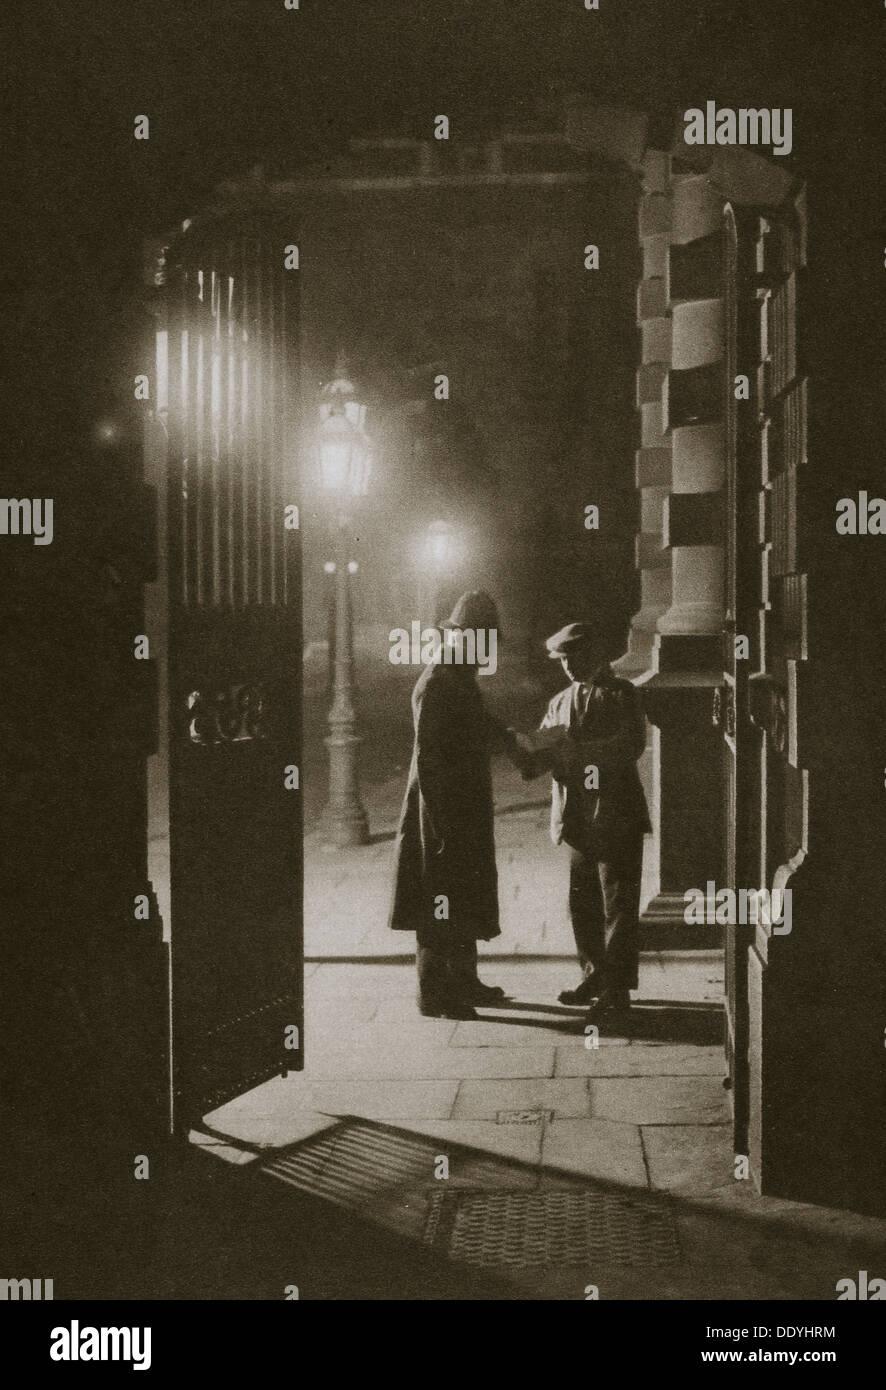 Scotland Yard nelle prime ore del mattino, il terrapieno, LONDRA, XX secolo. Artista: sconosciuto Foto Stock